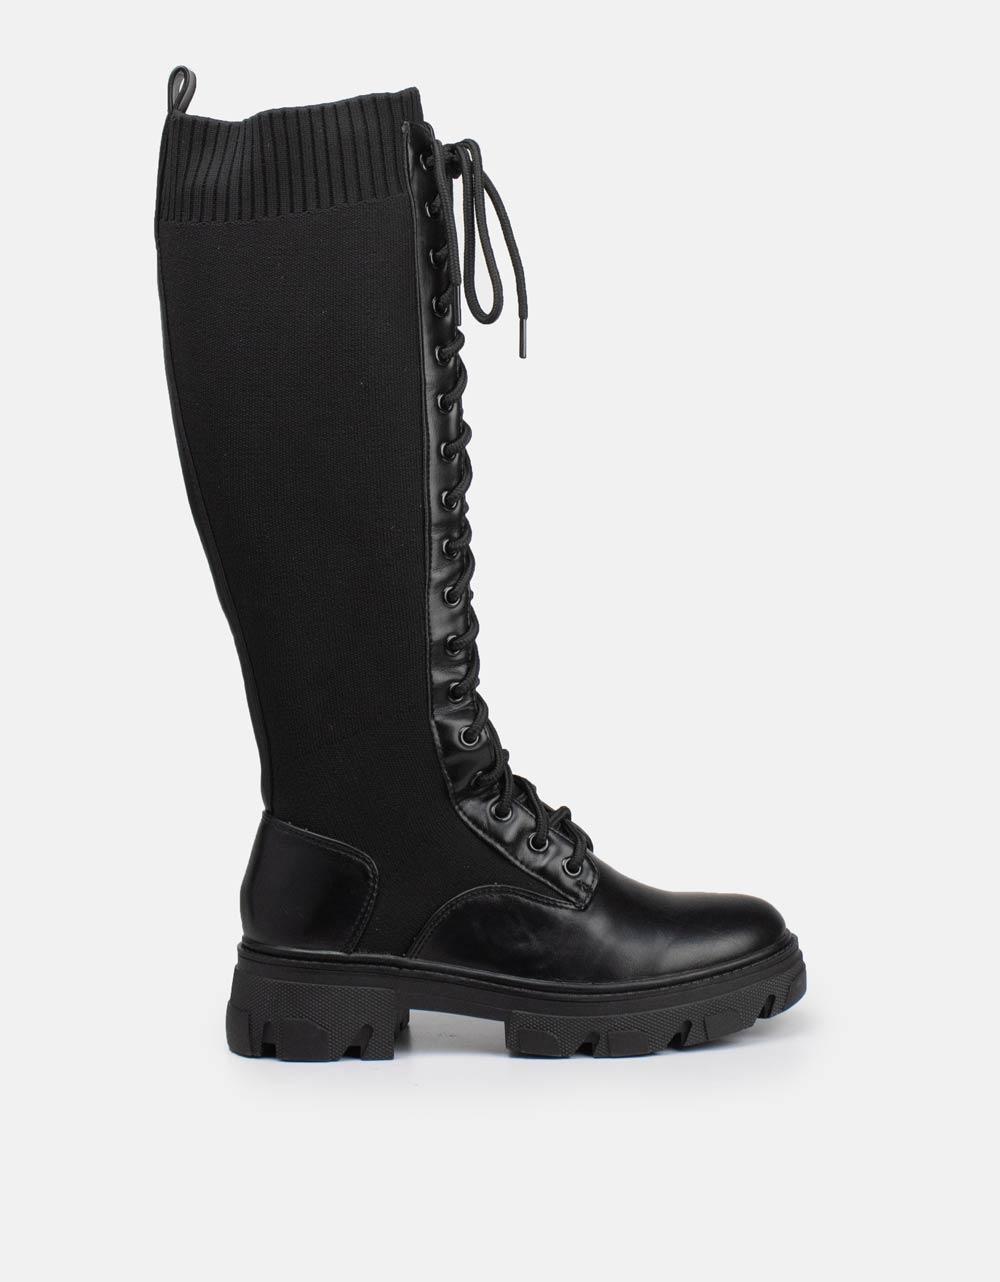 Εικόνα από Γυναικείες μπότες ελαστικές με κορδόνια Μαύρο